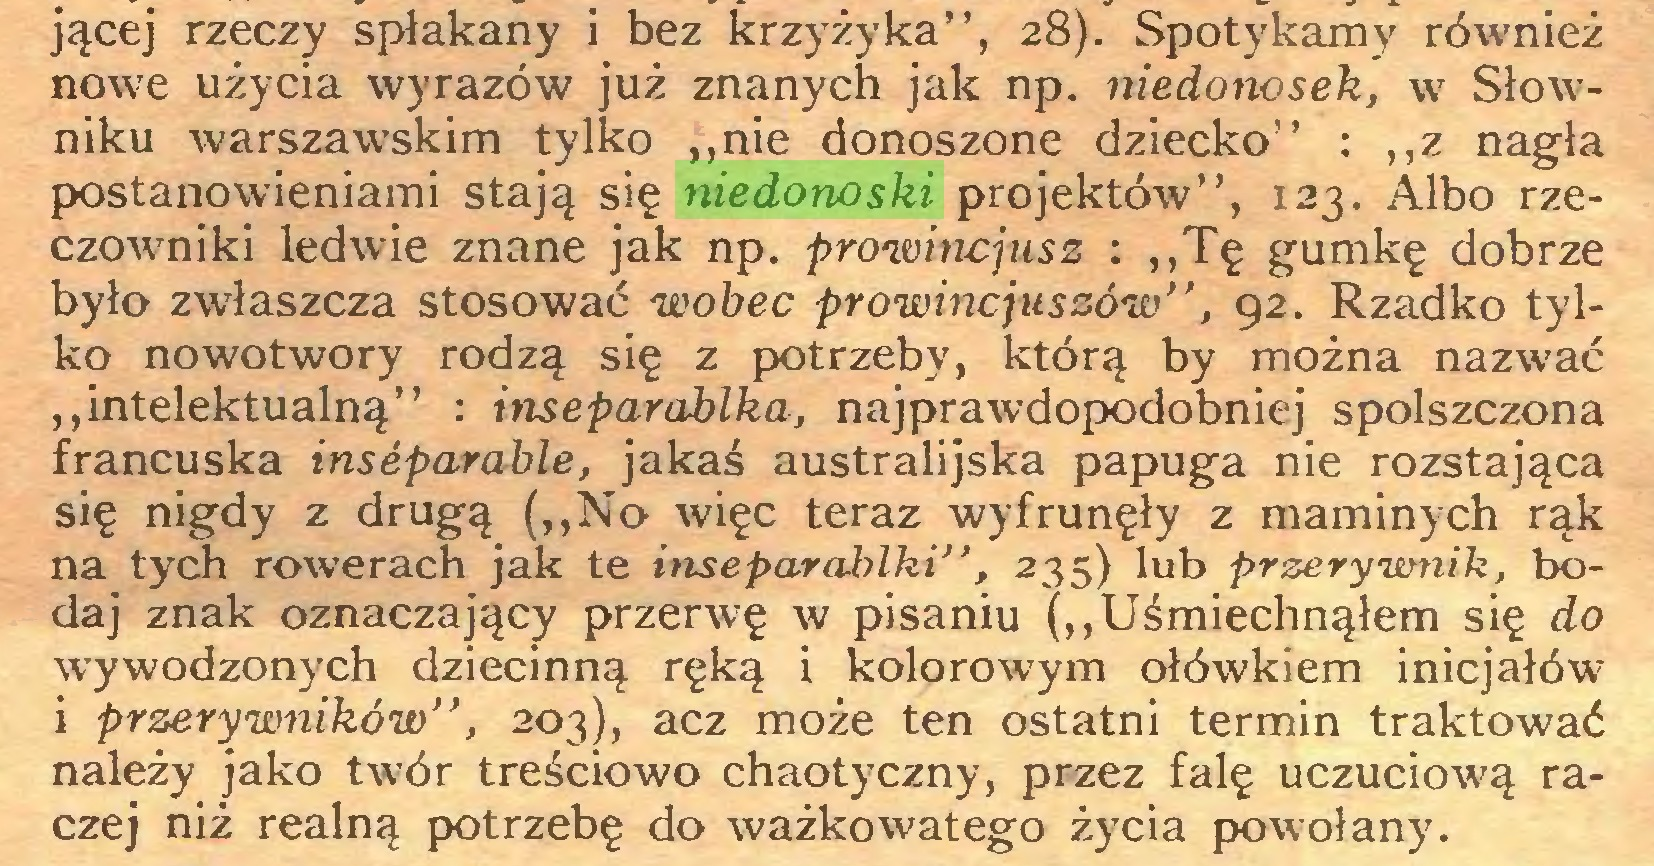 """(...) jącej rzeczy spłakany i bez krzyżyka"""", 28). Spotykamy również nowe użycia wyrazów już znanych jak np. niedonosek, w Słowniku warszawskim tylko """"nie donoszone dziecko"""" : """"z nagła postanowieniami stają się niedonoski projektów"""", 123. Albo rzeczowniki ledwie znane jak np. prowincjusz : """"Tę gumkę dobrze było zwłaszcza stosować wobec prowincjuszów"""", 92. Rzadko tylko nowotwory rodzą się z potrzeby, którą by można nazwać """"intelektualną"""" : itiseparablka, najprawdopodobniej spolszczona francuska inseparable, jakaś australijska papuga nie rozstająca się nigdy z drugą (""""No więc teraz wyfrunęły z maminych rąk na tych rowerach jak te inseparablki"""", 235) lub przerywnik, bodaj znak oznaczający przerwę w pisaniu (""""Uśmiechnąłem się do wywodzonych dziecinną ręką i kolorowym ołówkiem inicjałów i przerywników'', 203), acz może ten ostatni termin traktować należy jako twór treściowo chaotyczny, przez falę uczuciową raczej niż realną potrzebę do ważko wat ego życia powołany..."""